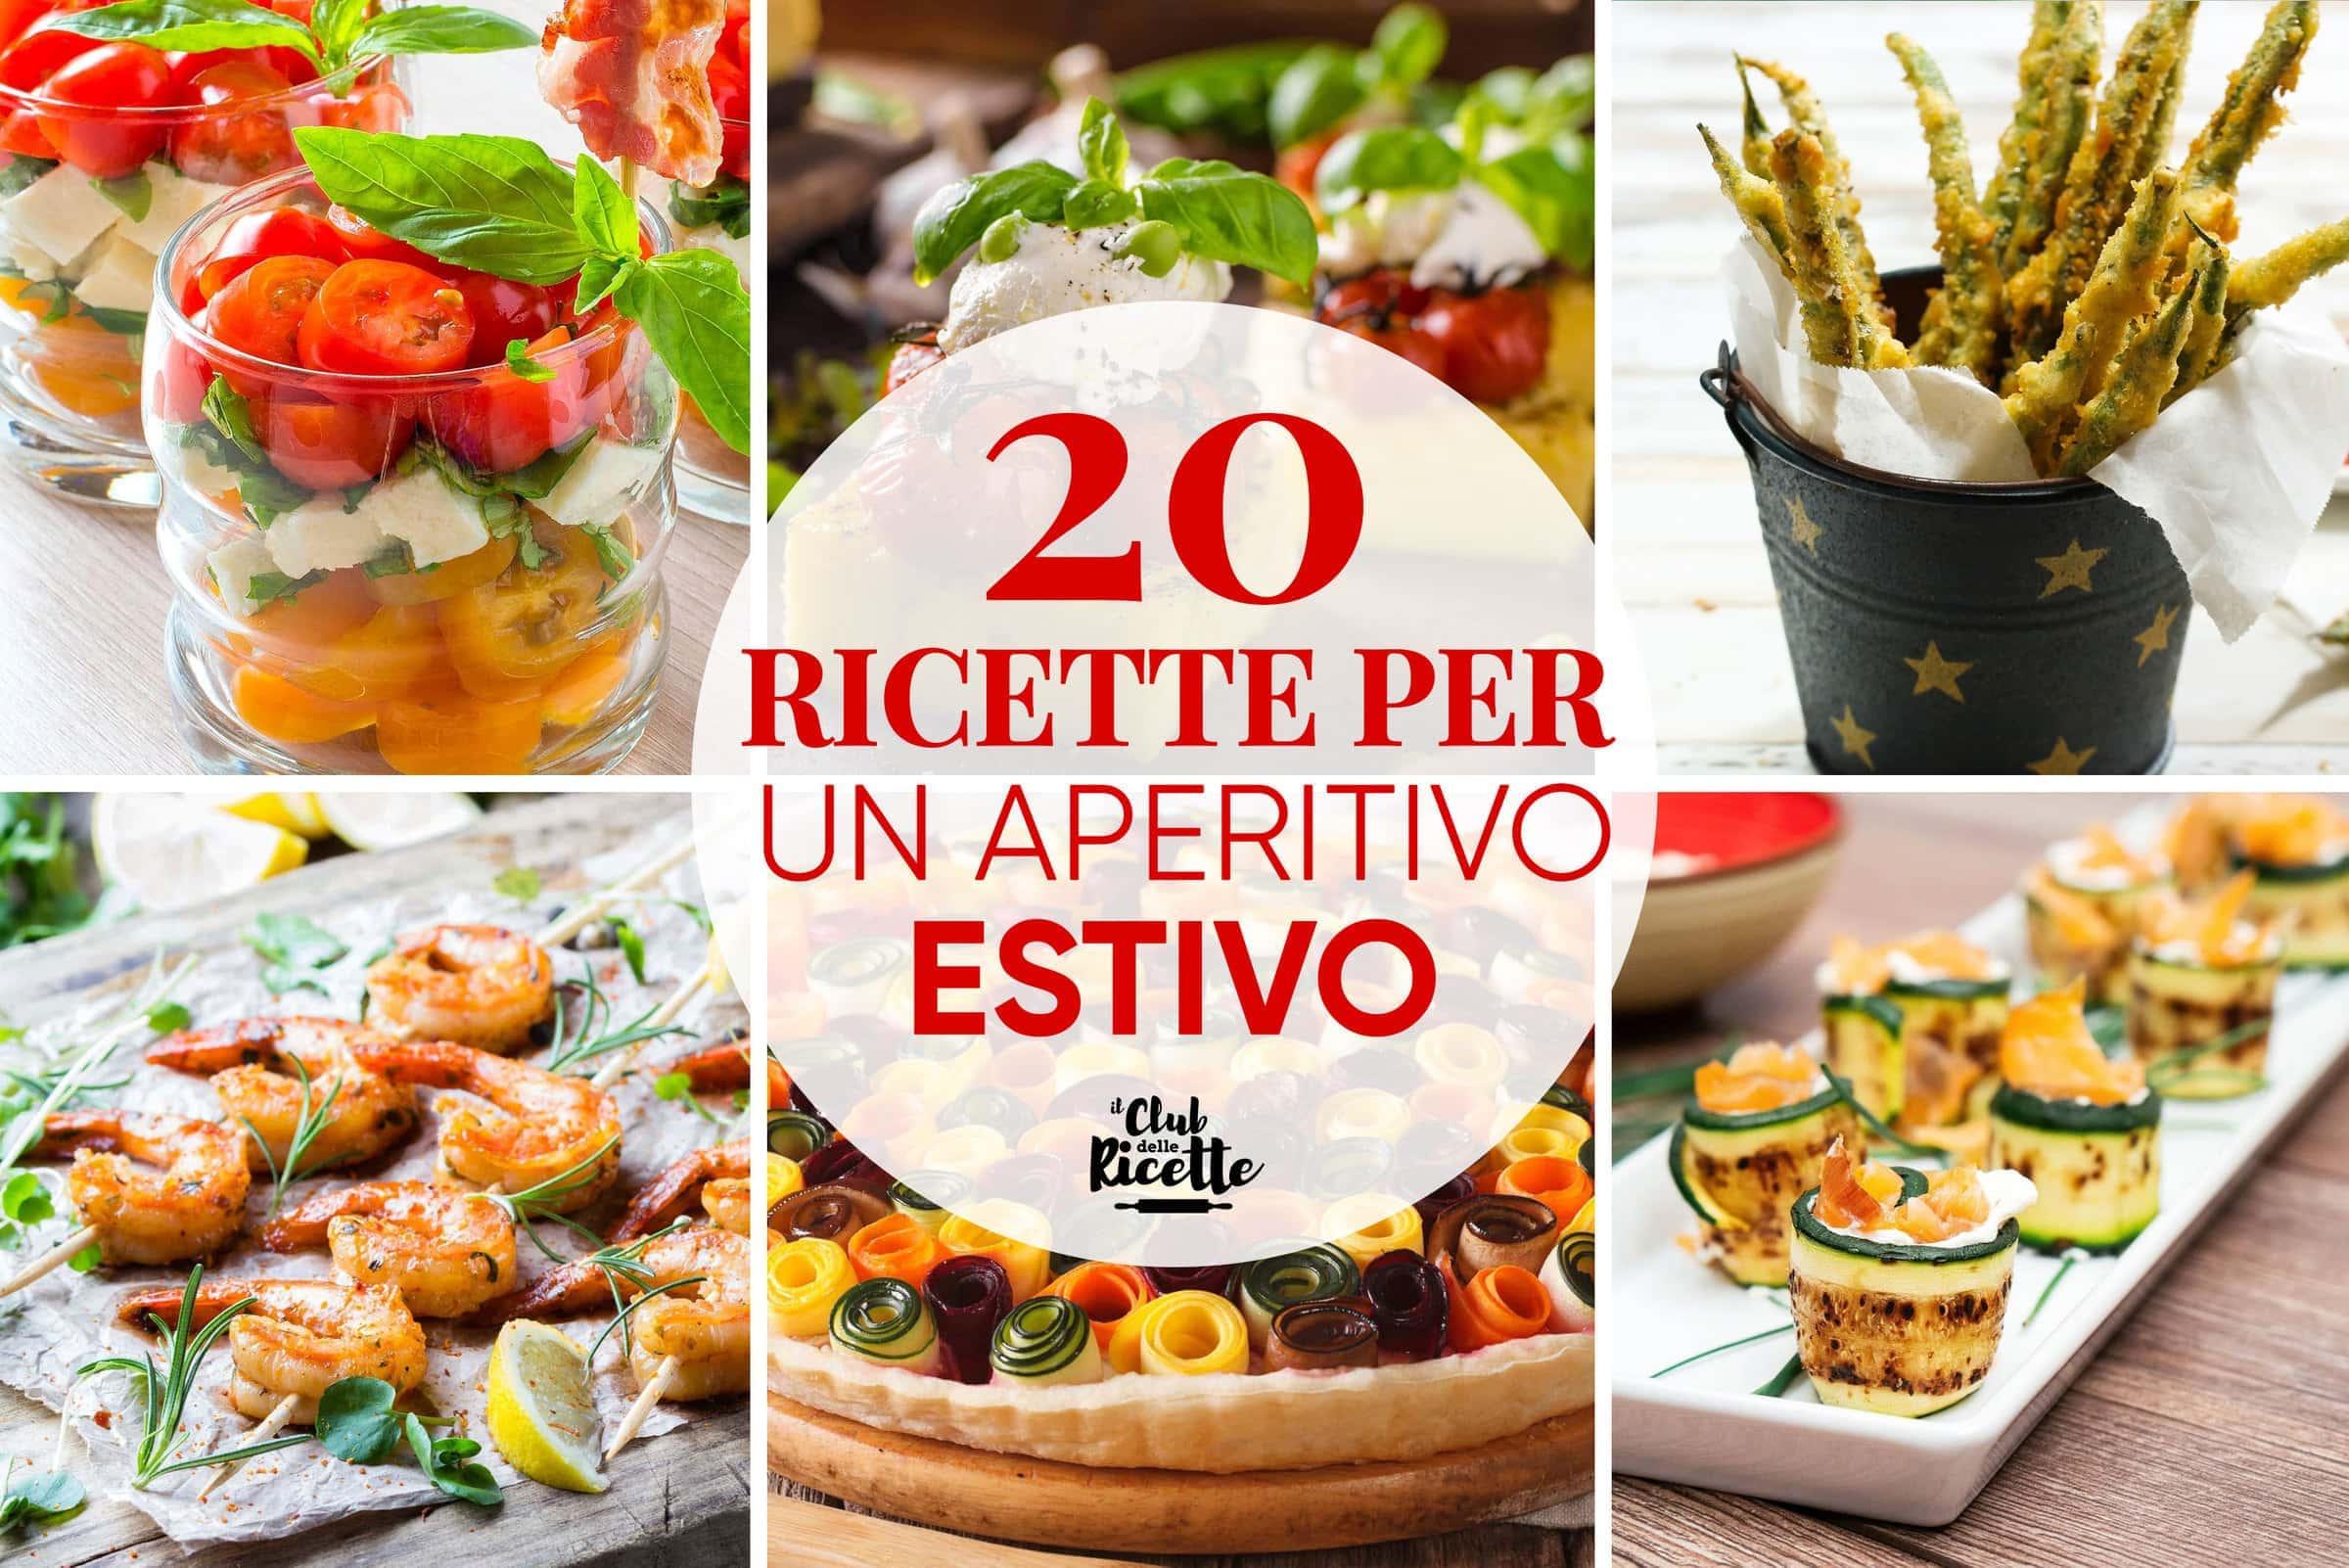 20 ricette per un aperitivo estivo il club delle ricette for Aperitivo ricette